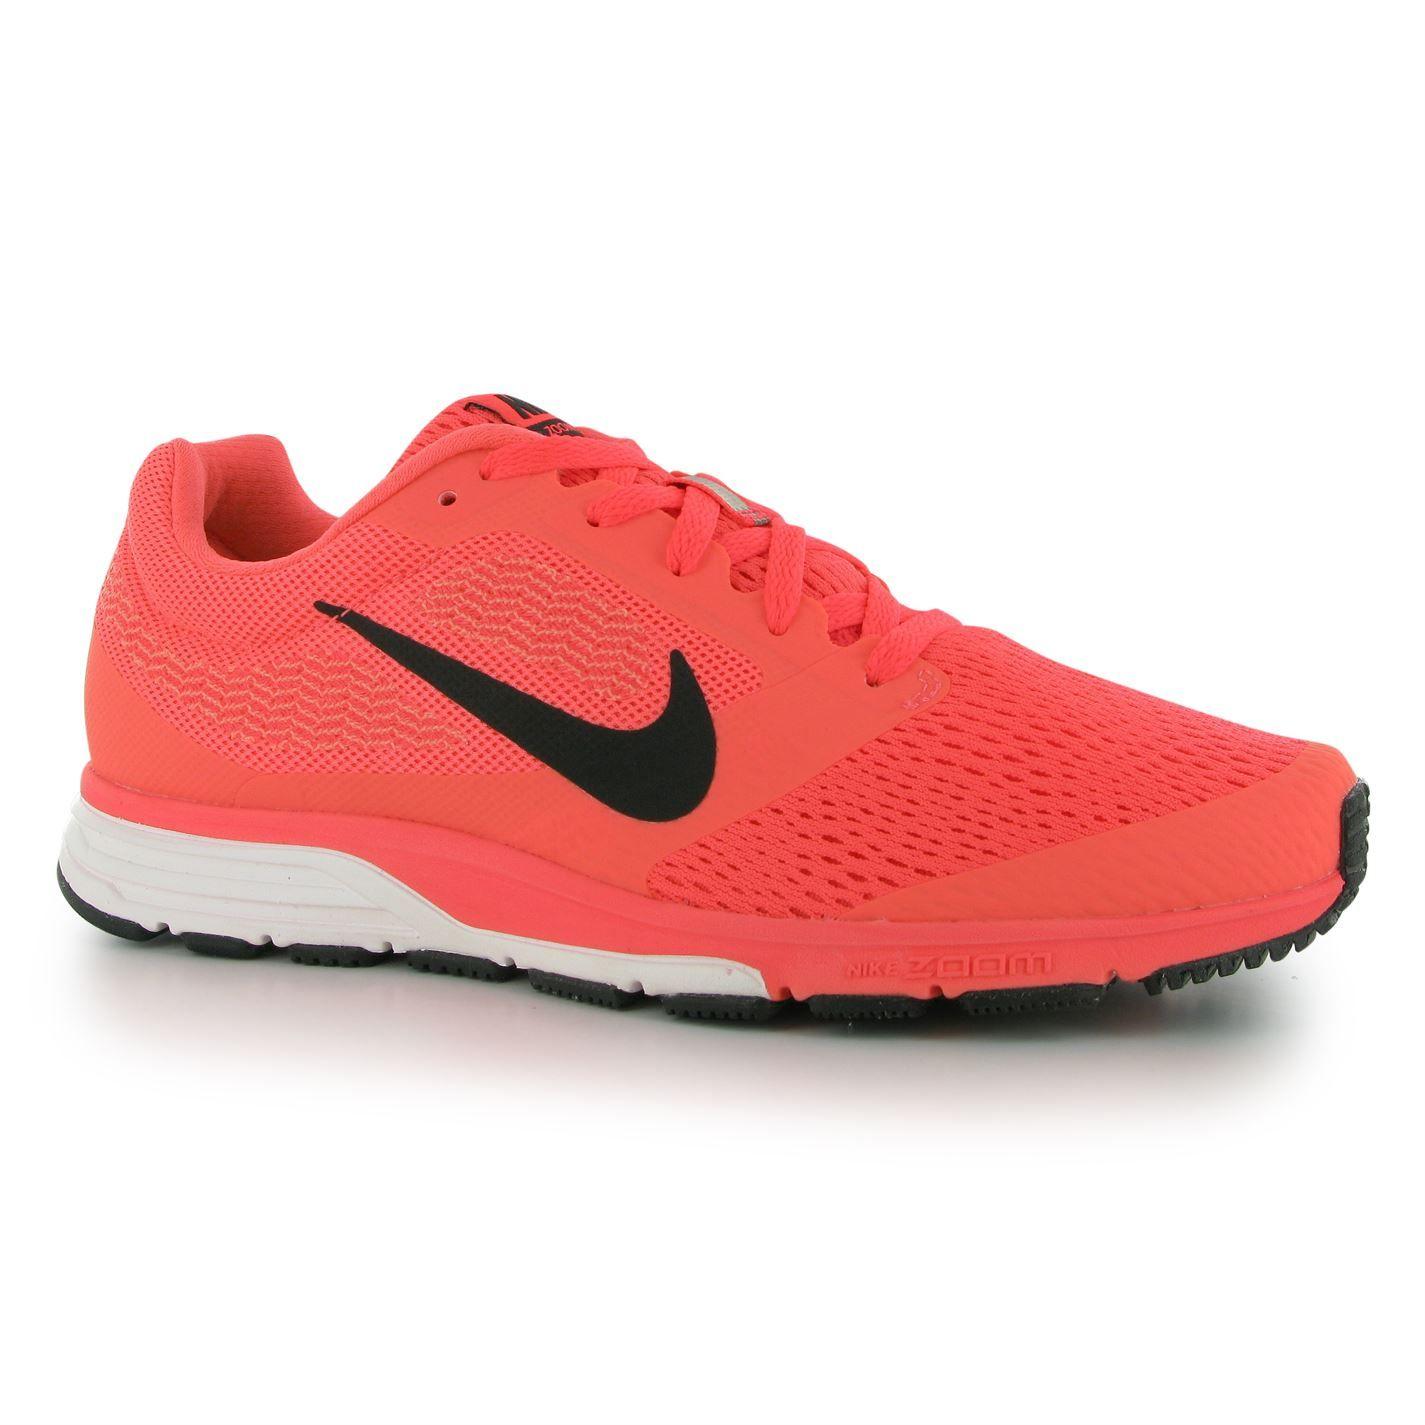 Air Zoom Fly 2 Ladies Nike Womens Running Shoes Nike Air Zoom